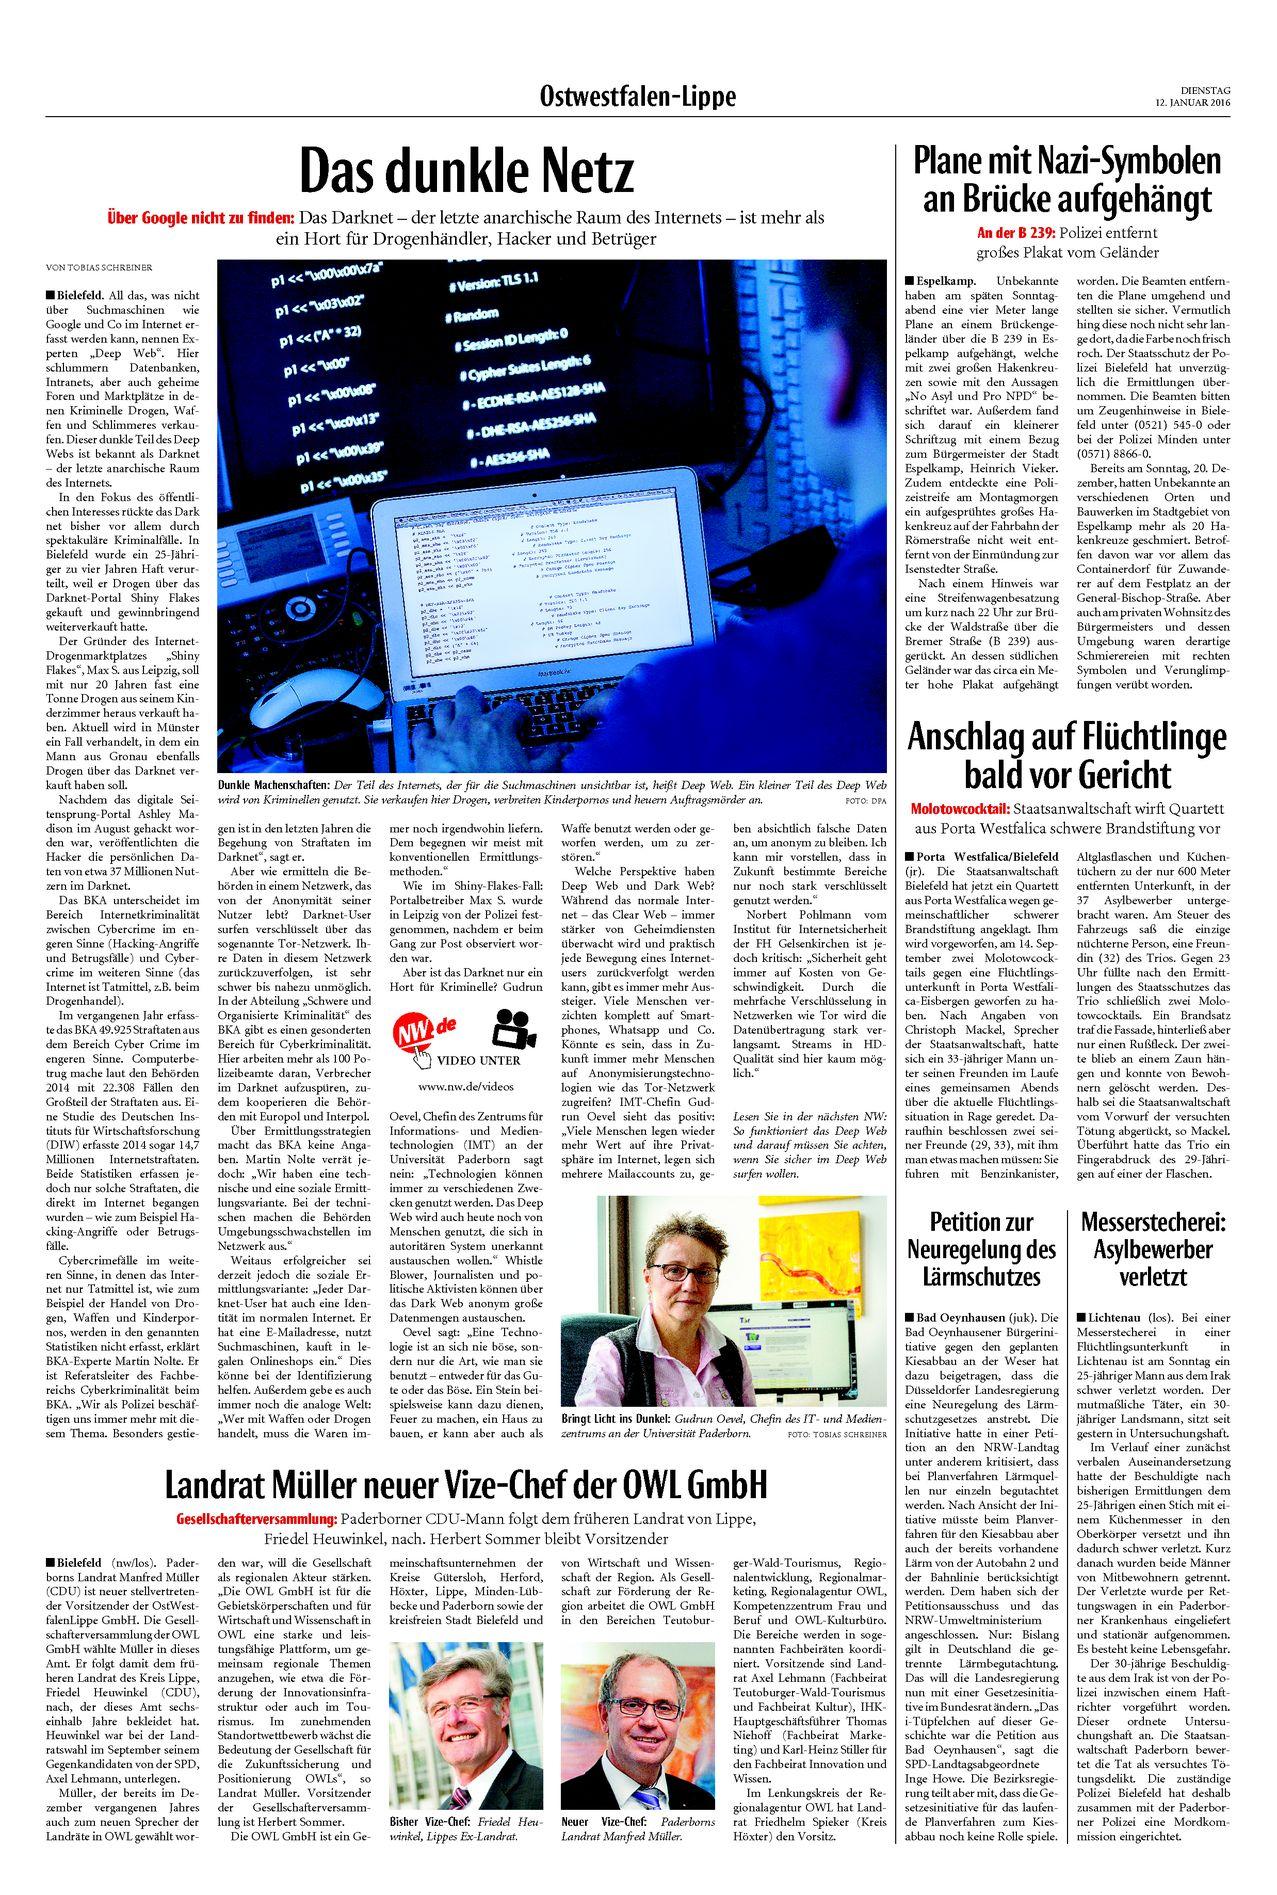 Neue Westfälische, [12.01.2016].  Texte und Fotos aus der Neuen Westfälischen sind urheberrechtlich geschützt.  Weiterverwendung nur mit schriftlicher Genehmigung der Redaktion.